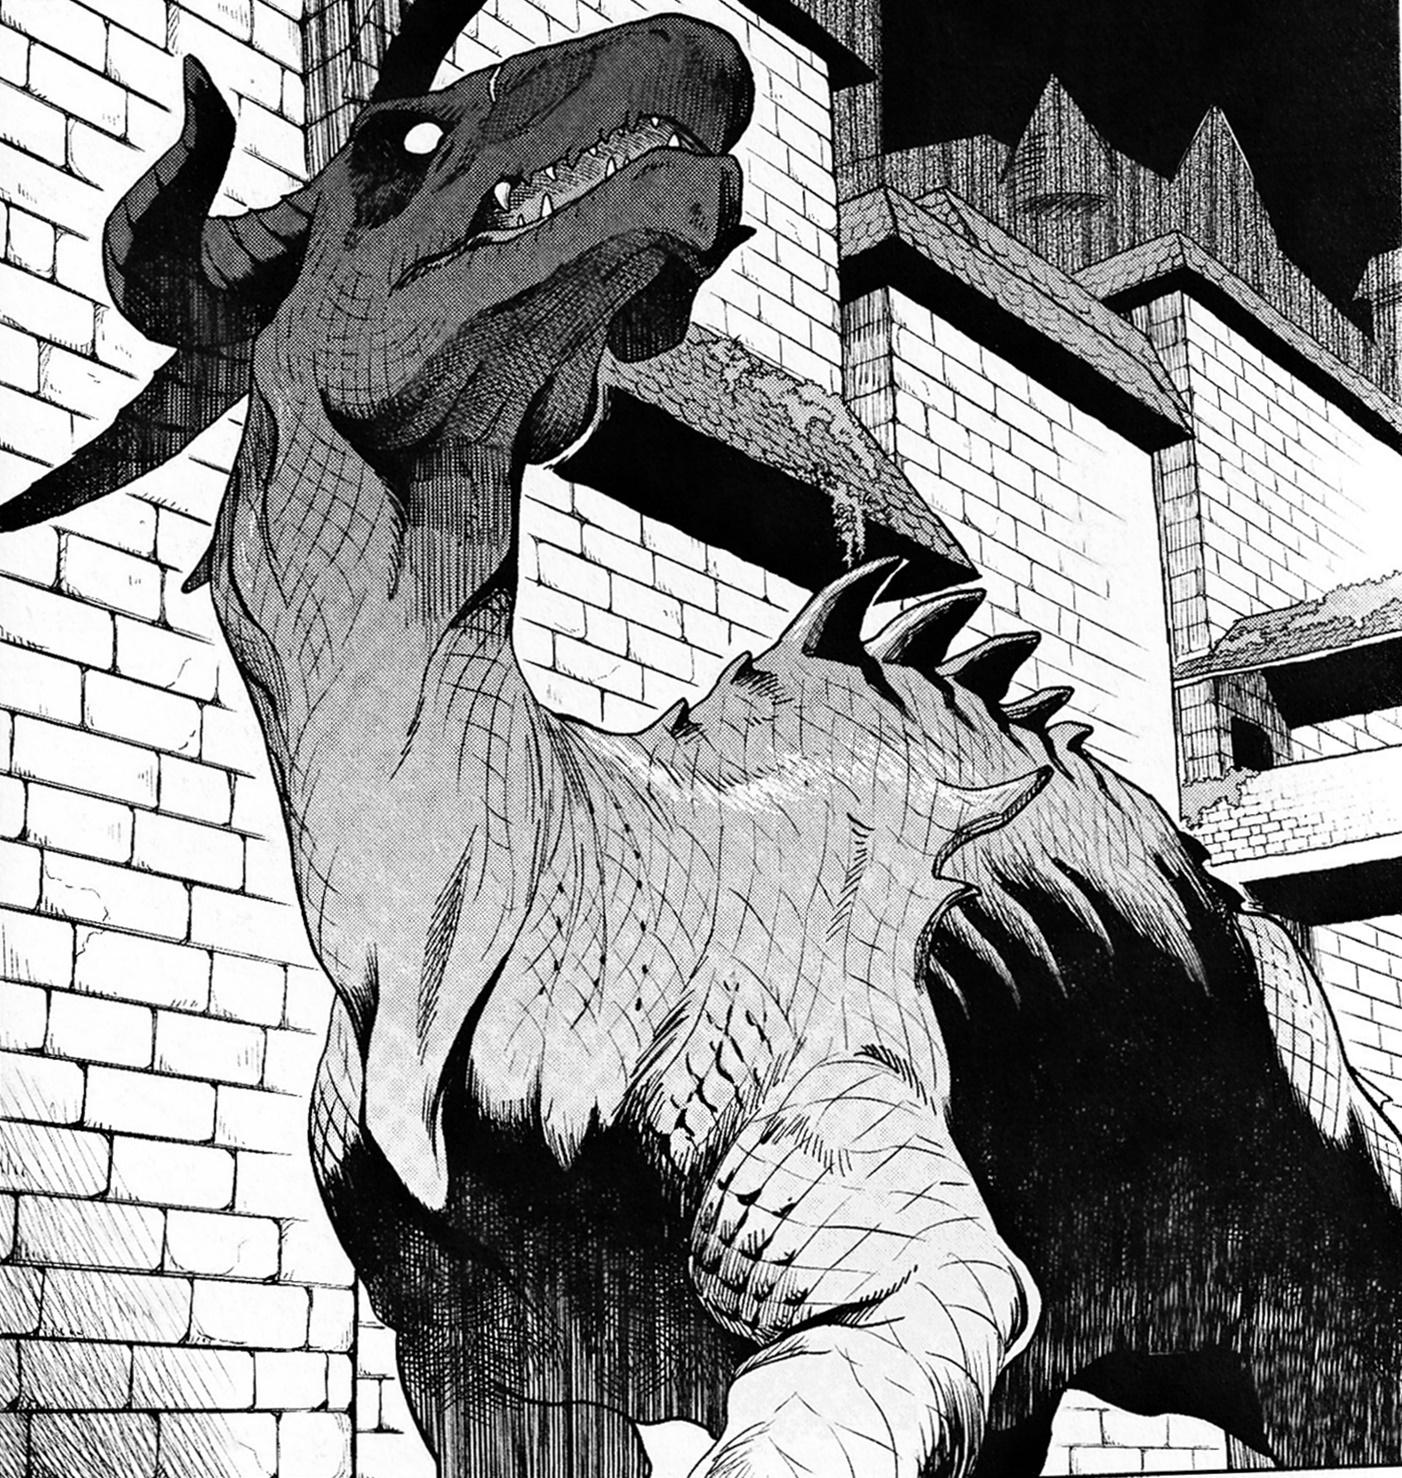 レッドドラゴン(炎竜)